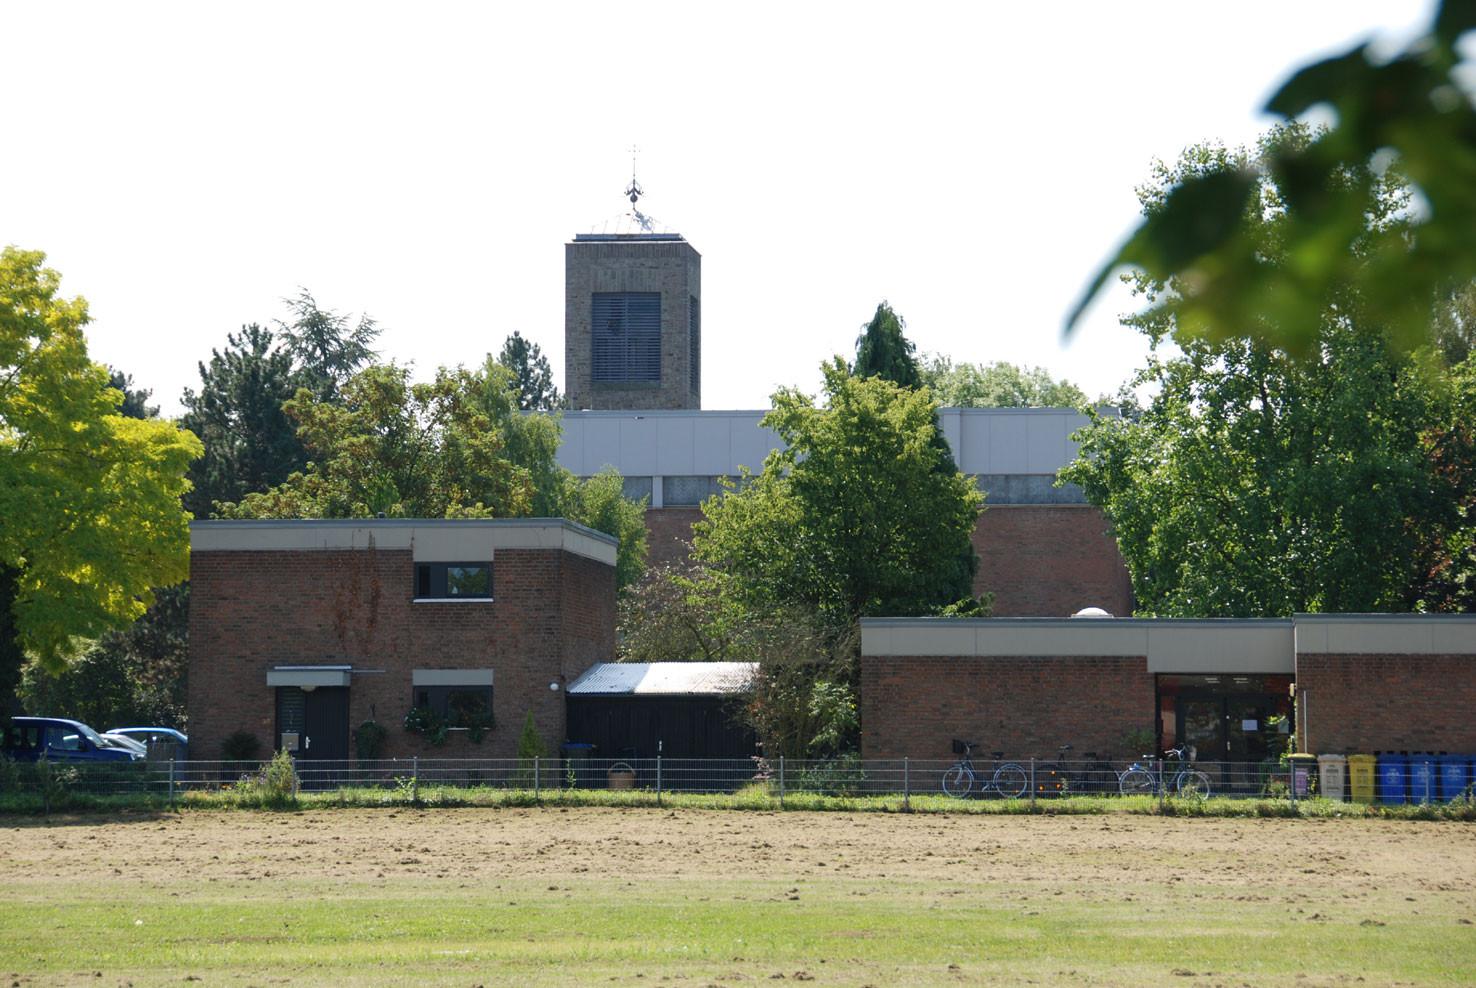 Kath. Kindergarten, im Hintergrund die kath. Kirche